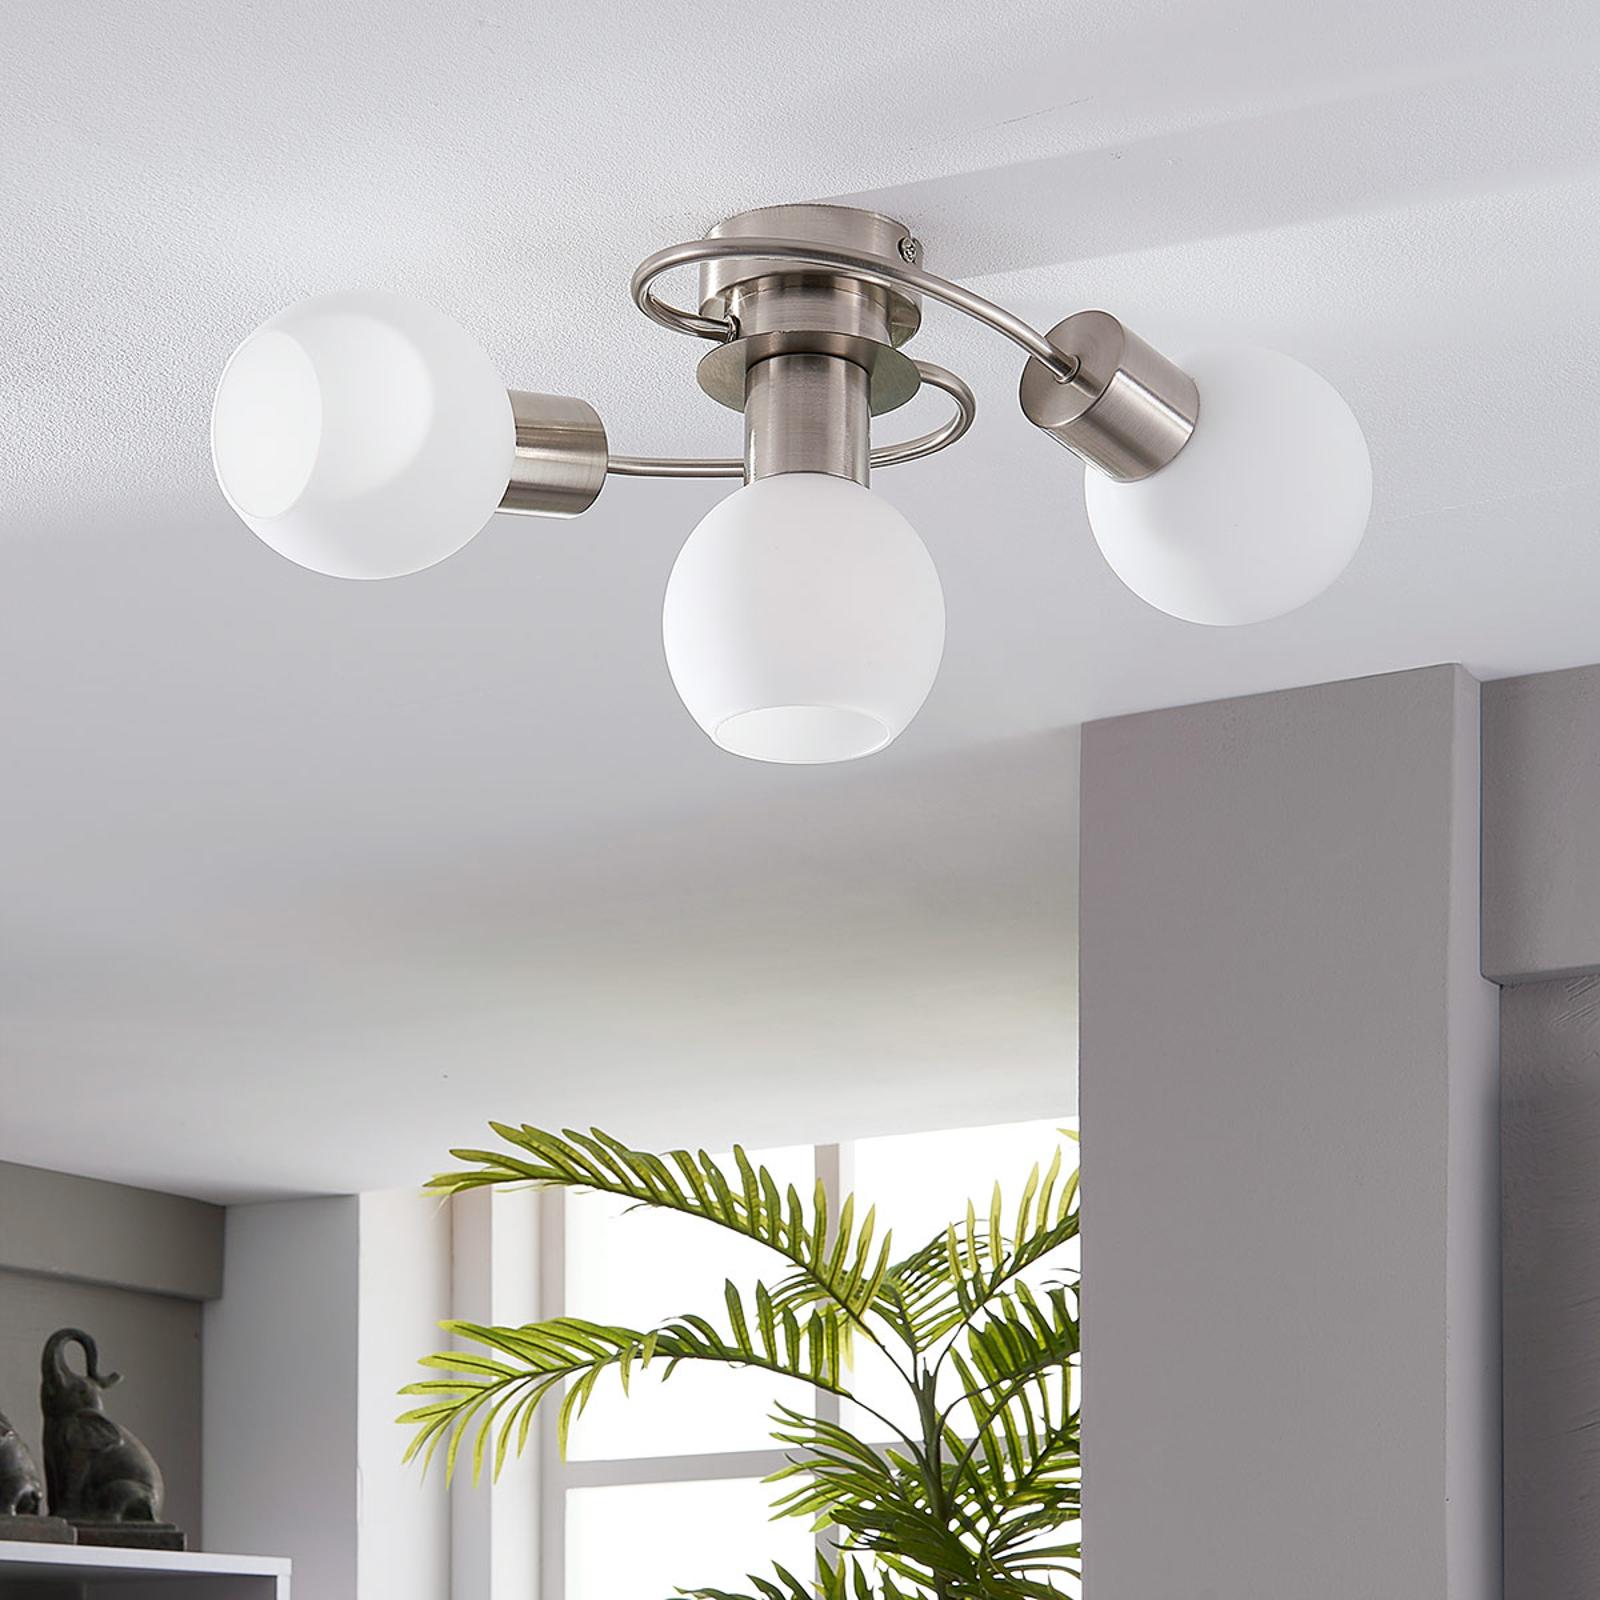 Plafoniera LED Ciala, 3 luci, nichel